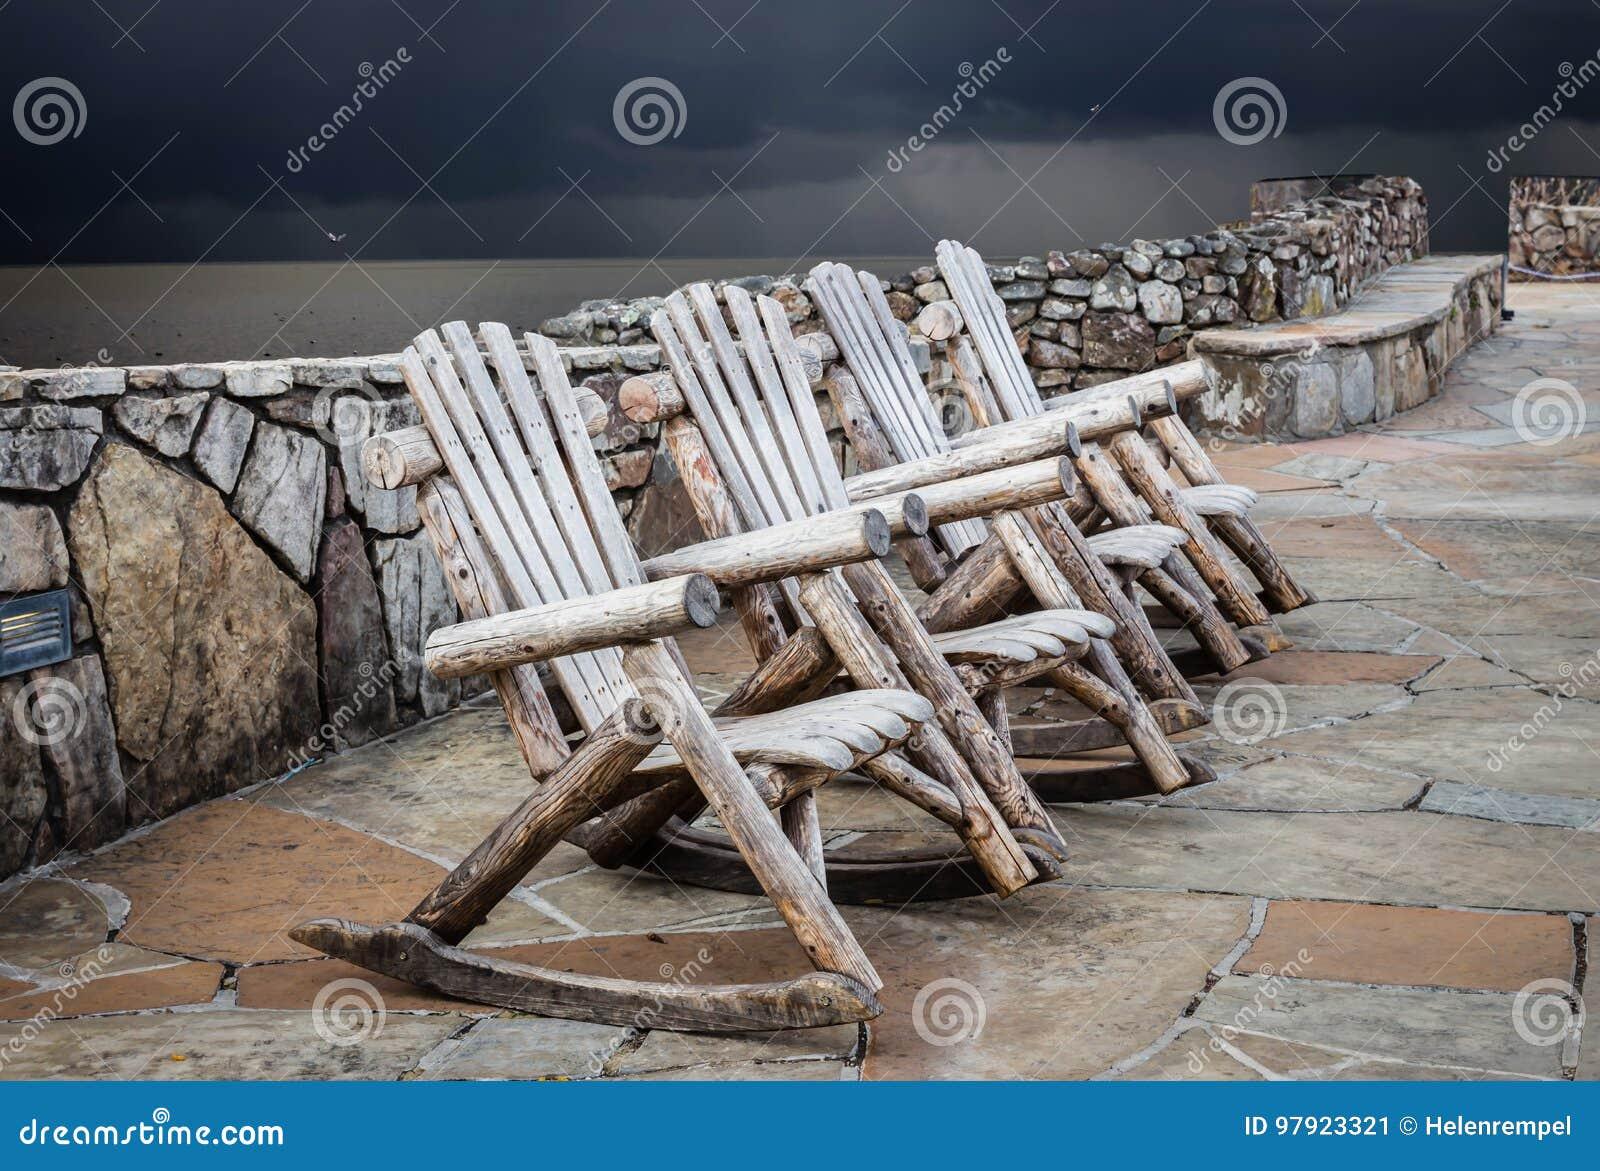 三把木摇椅坐水泥垫